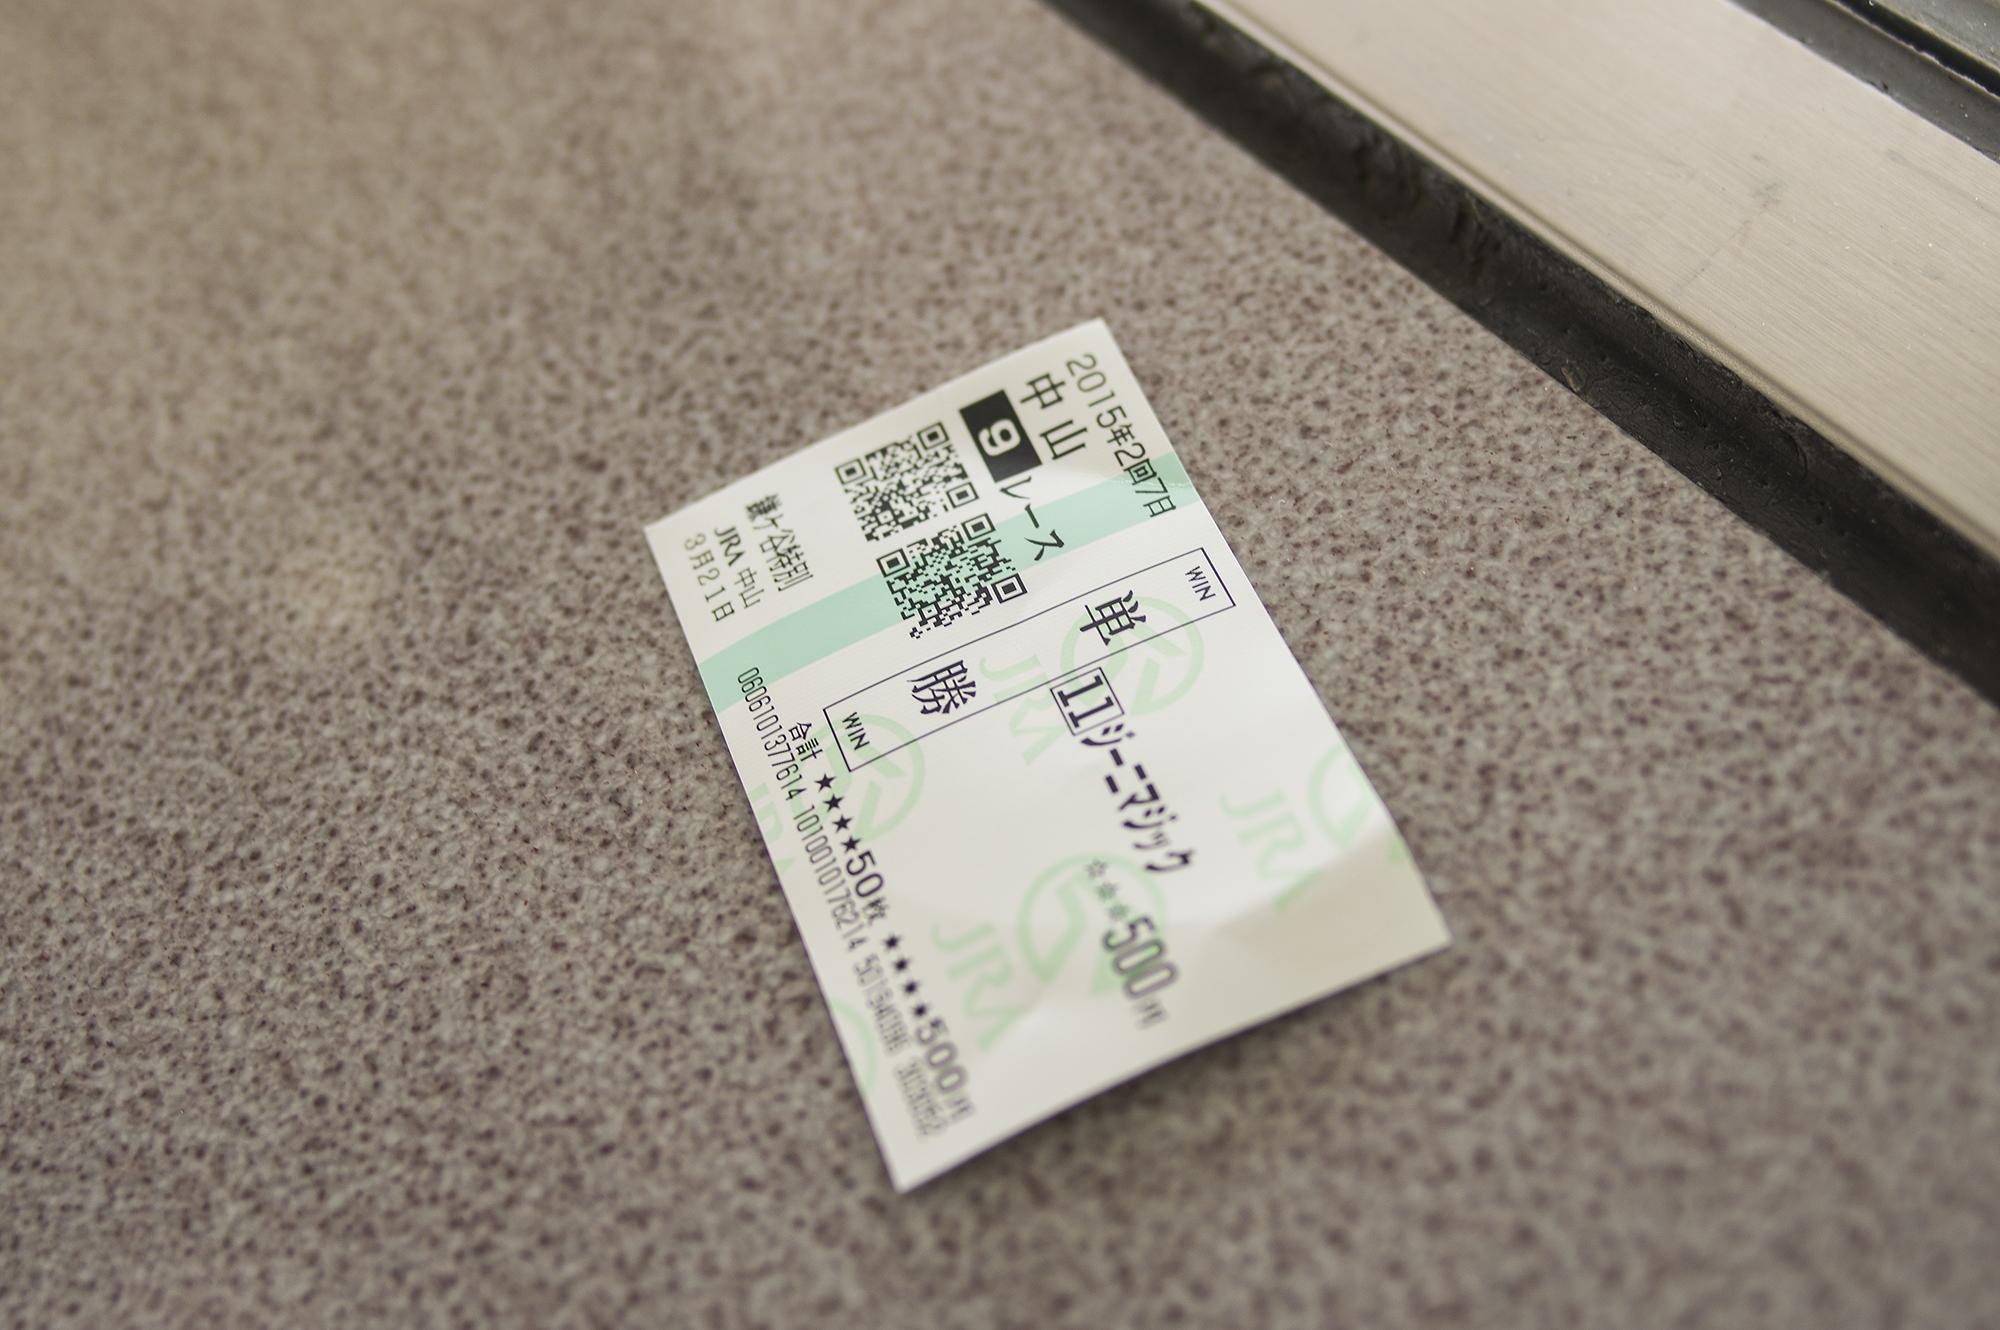 【勝ち負け必至】 7/11(土)の勝負レース